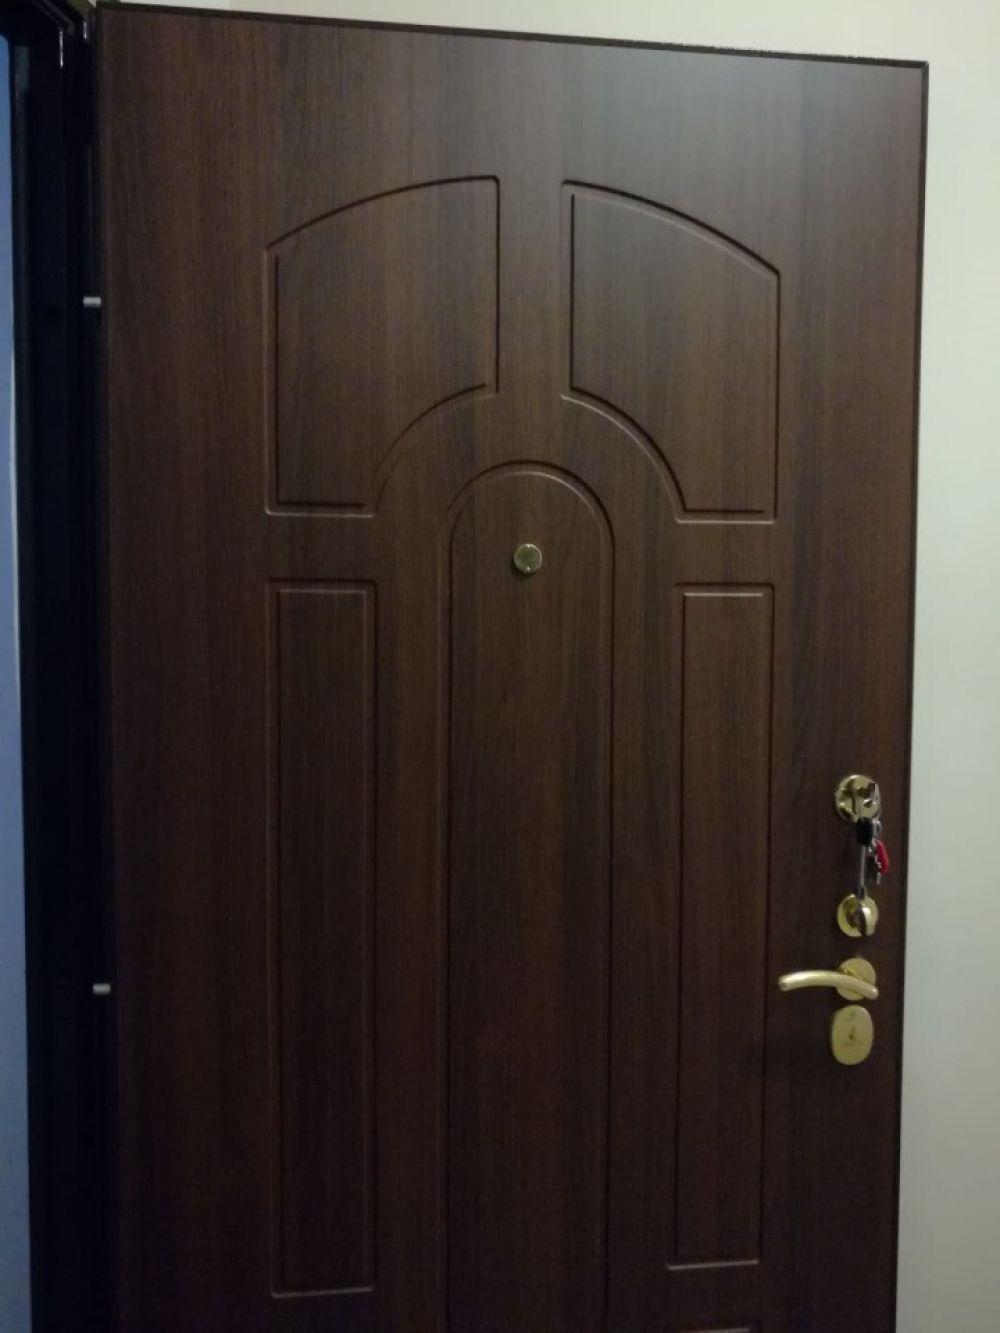 3-к квартира, п. Свердловский, ЖК Лукино-Варино, ул. Строителей д.6, фото 3